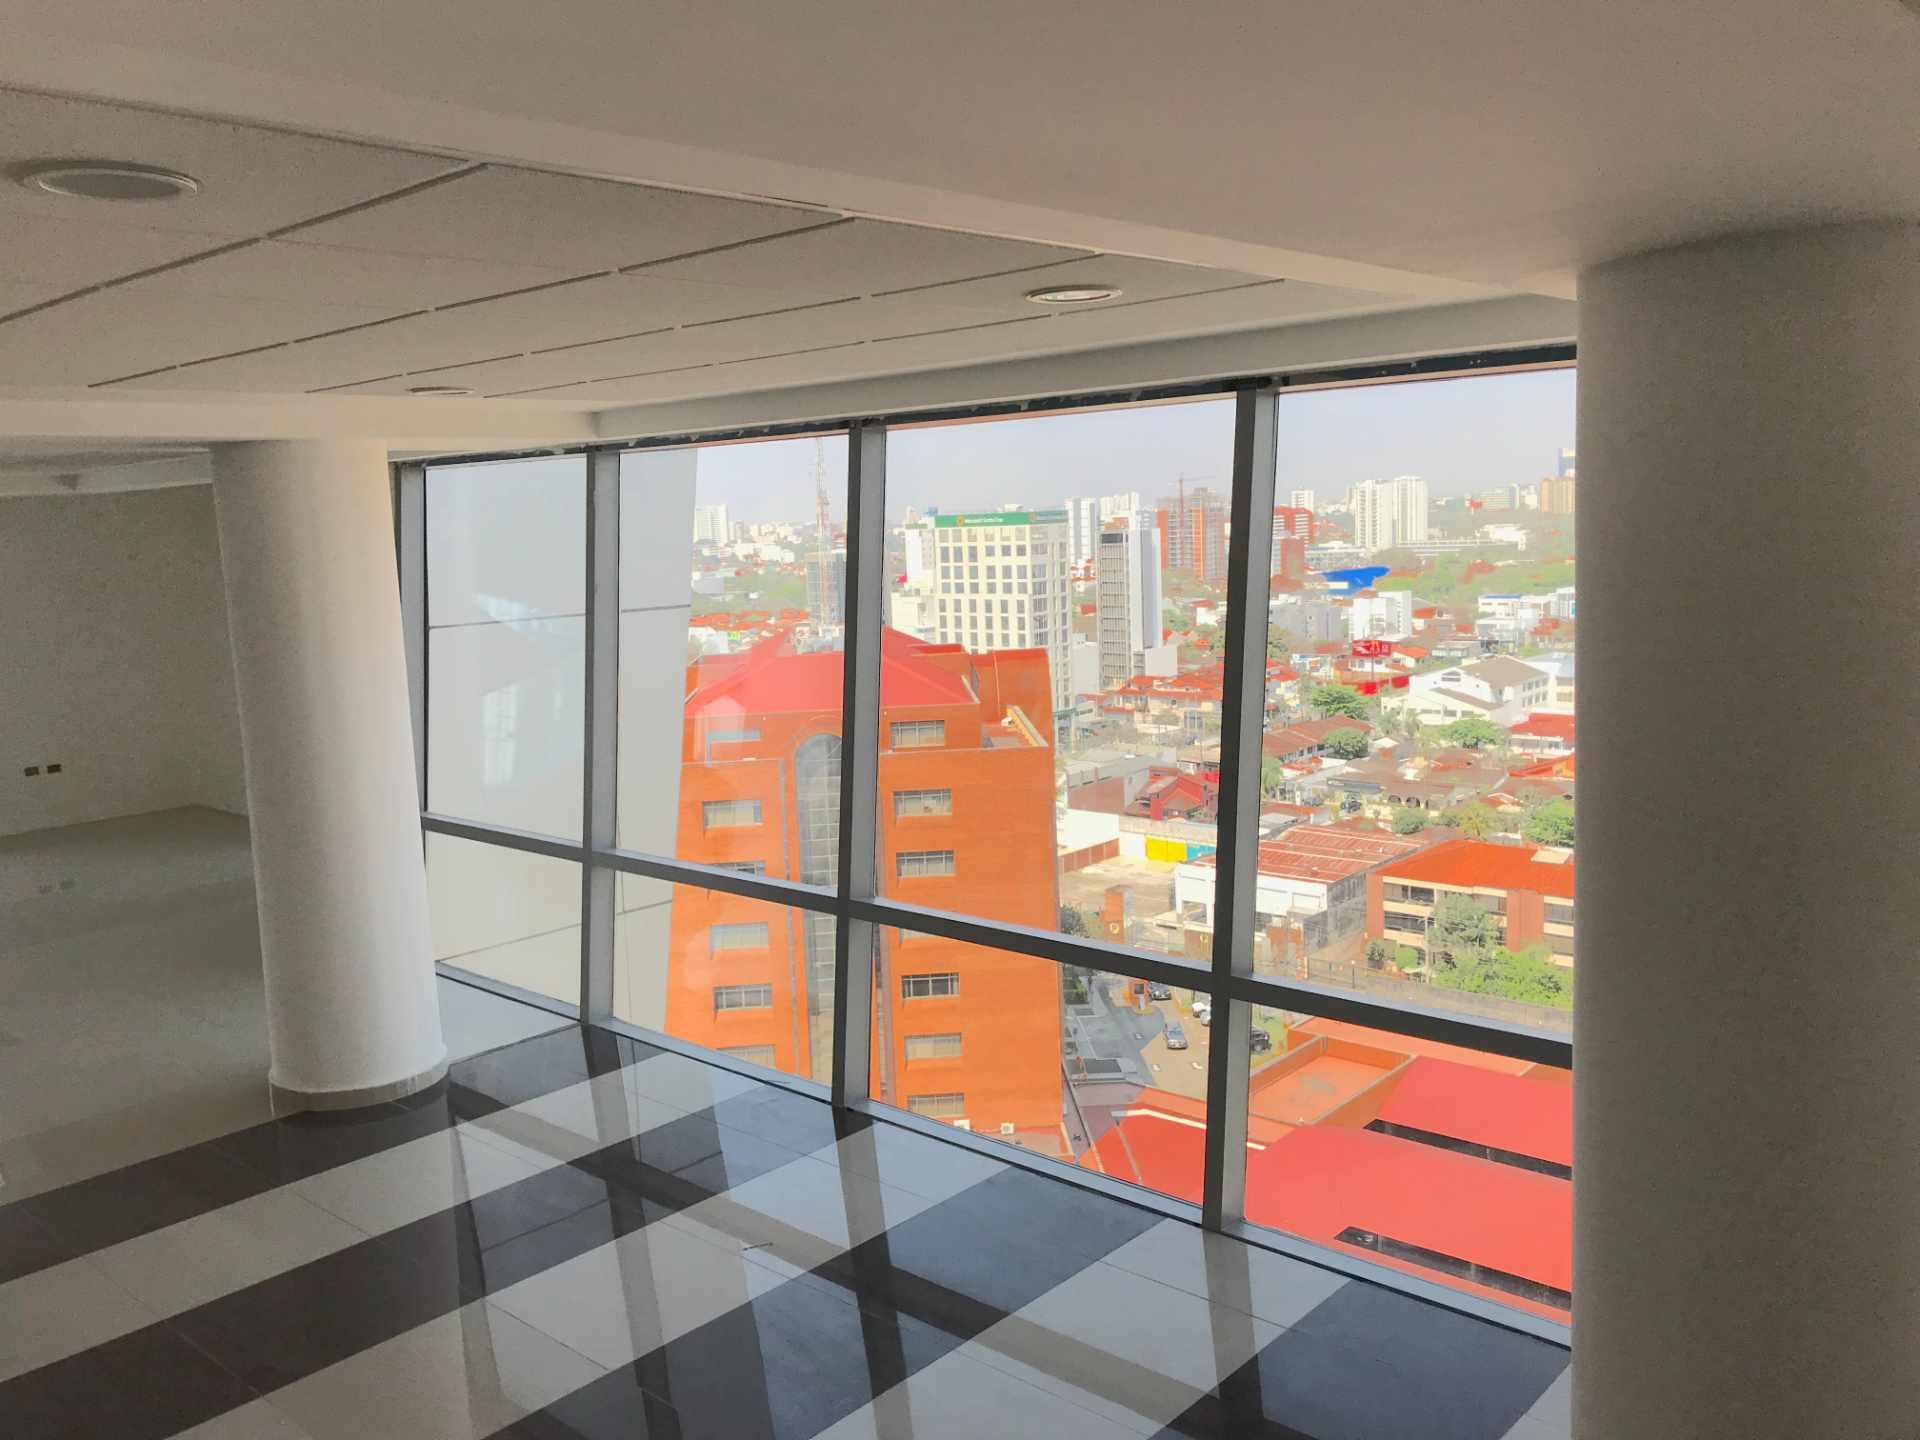 Oficina en Venta Torre de Negocios ALAS. Equipetrol Norte zona Empresarial, Av. San Martín entre 3er y 4to anillo.  Foto 5